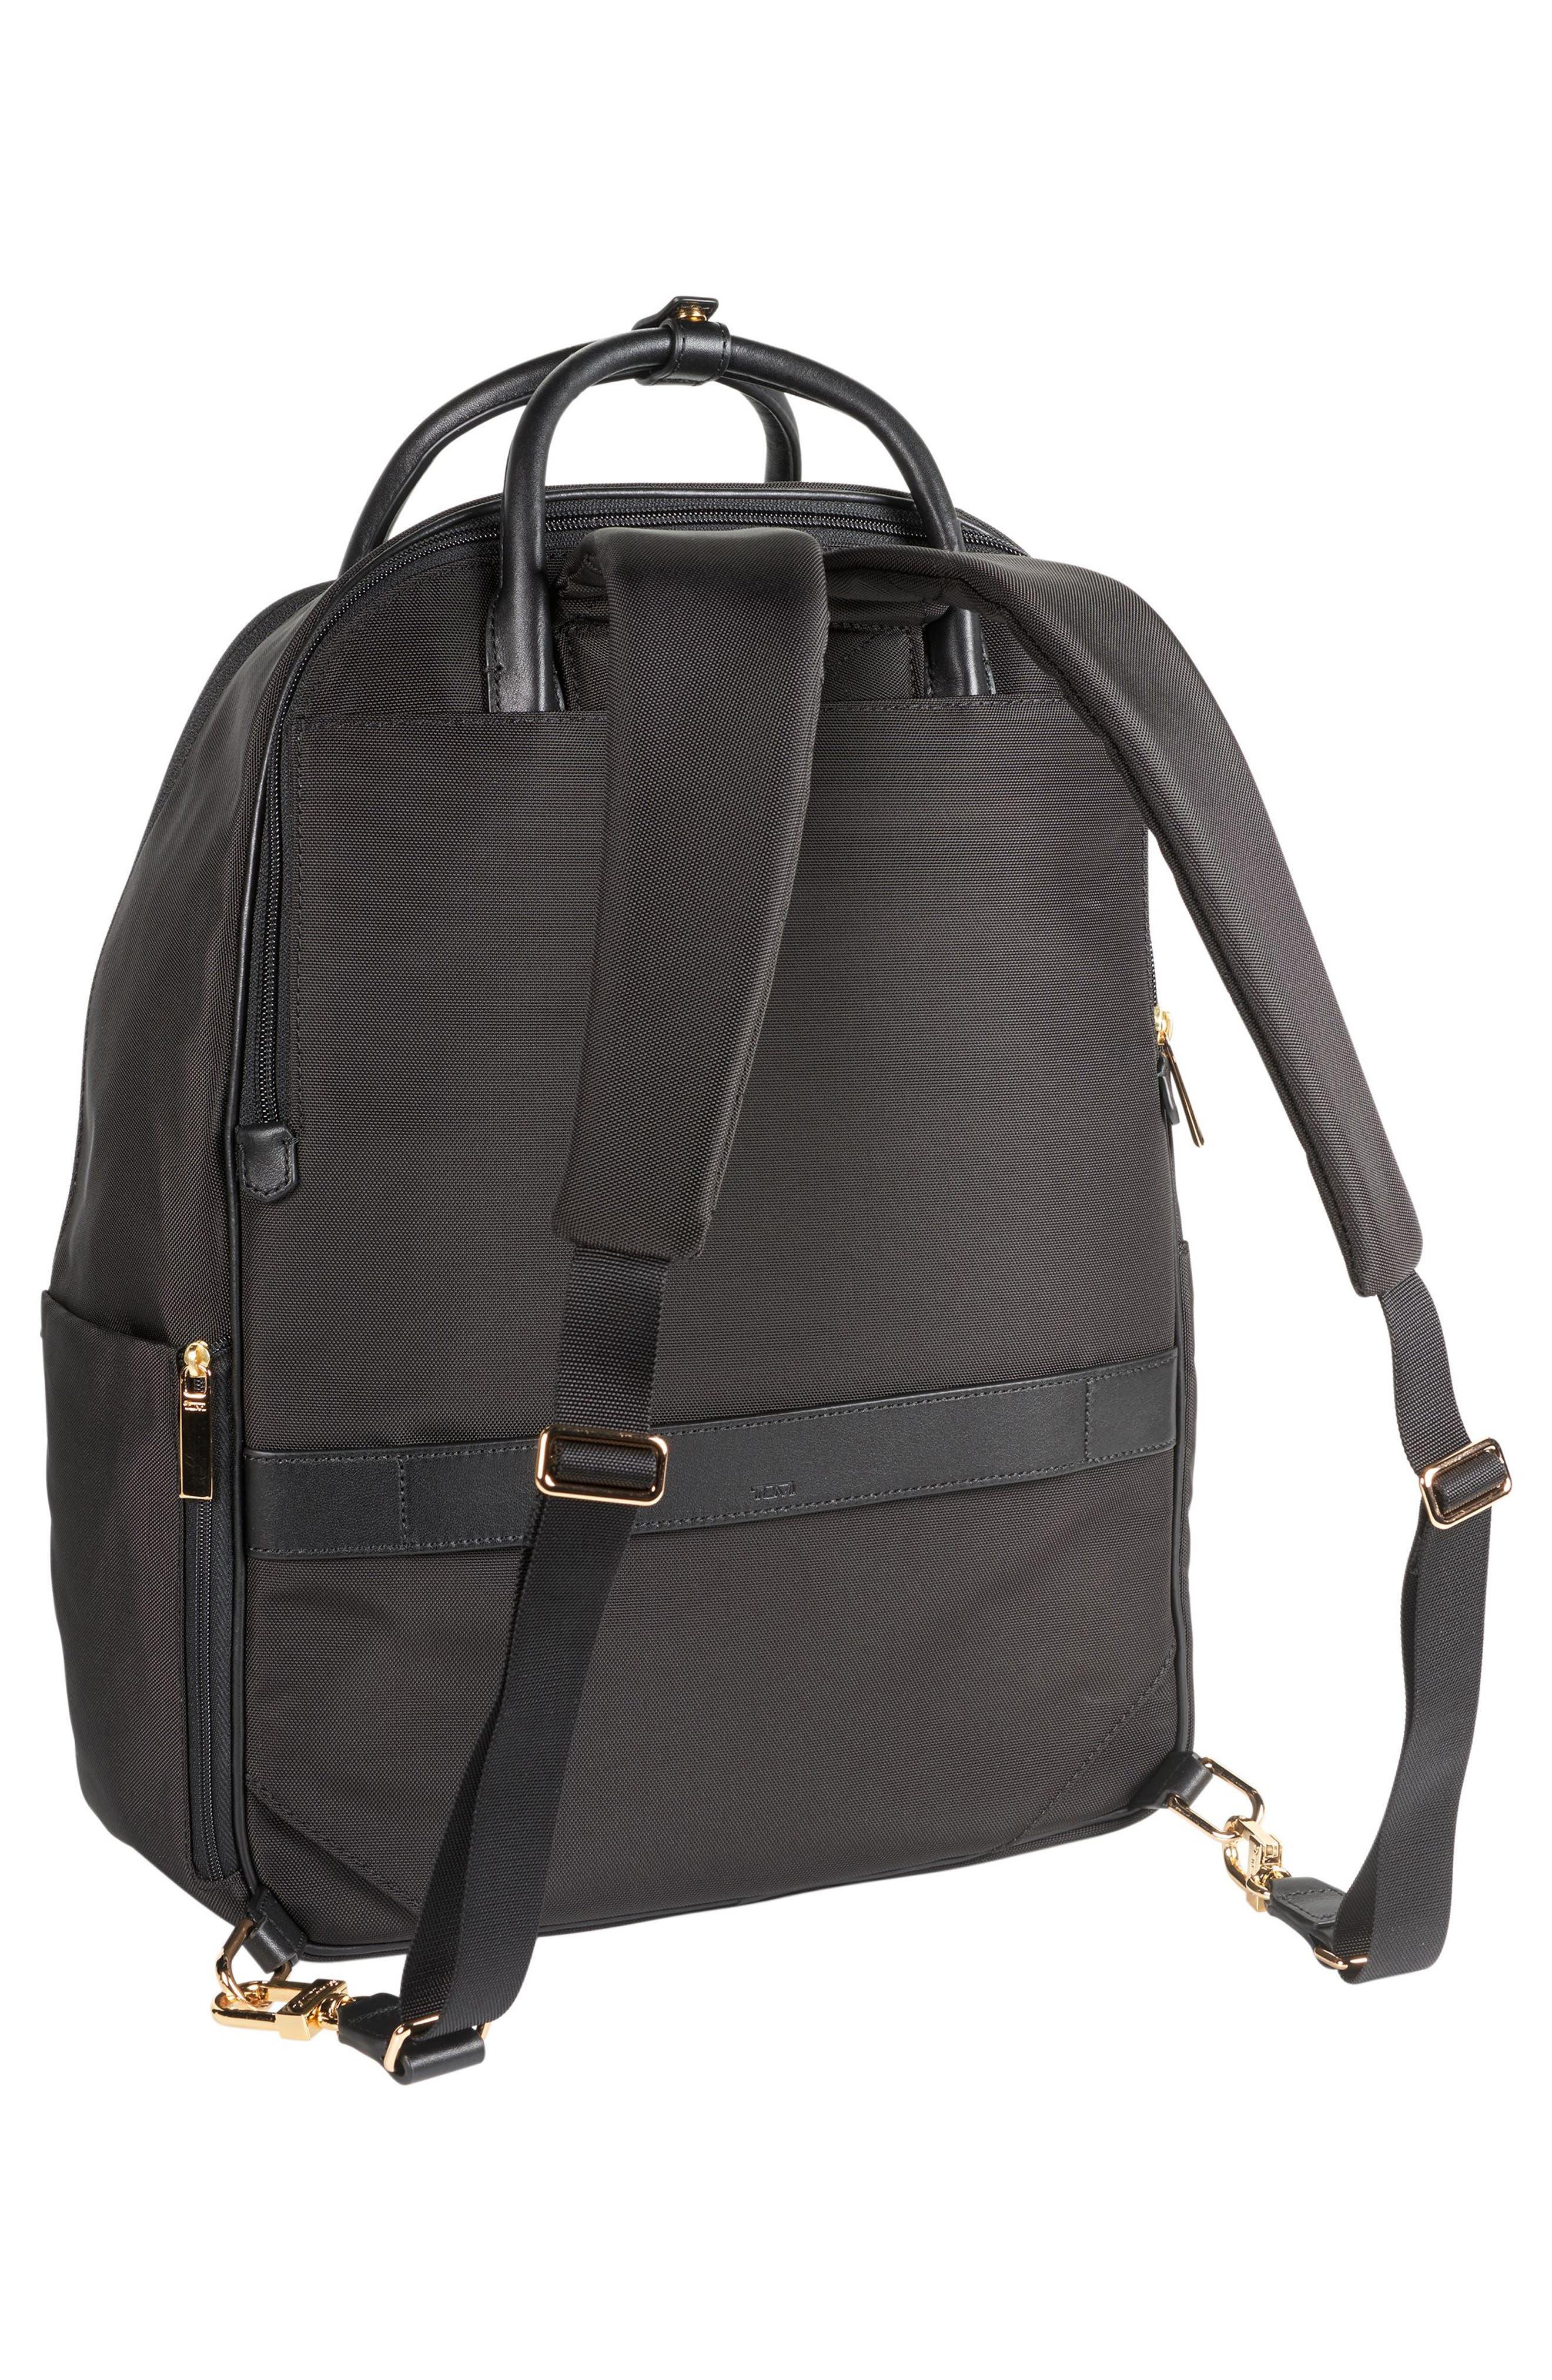 Larkin - Paterson Convertible Nylon Backpack,                             Alternate thumbnail 3, color,                             Black